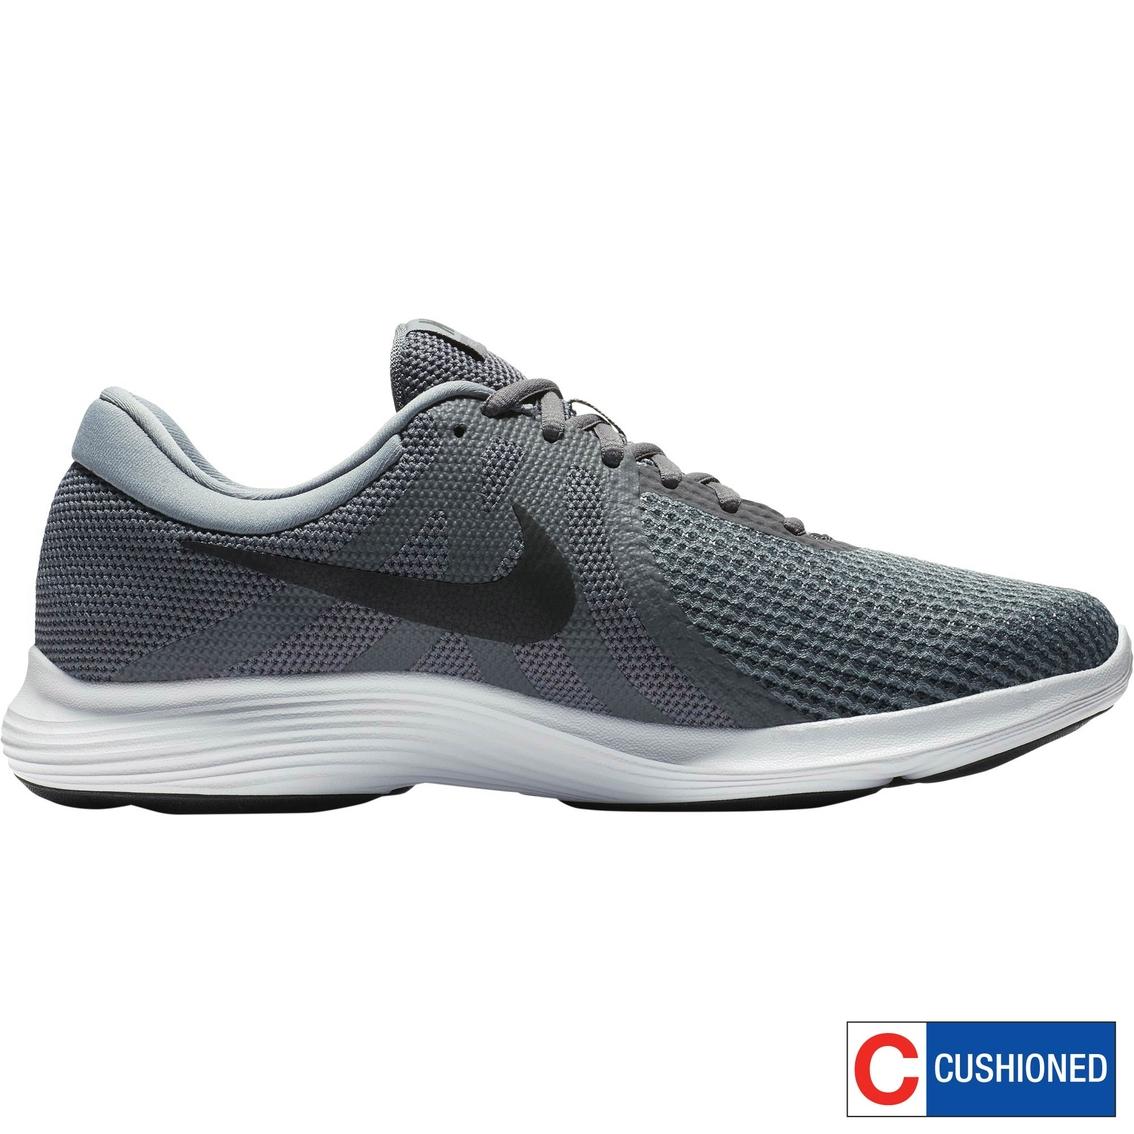 Nike Men's Revolution 4 Running Shoes